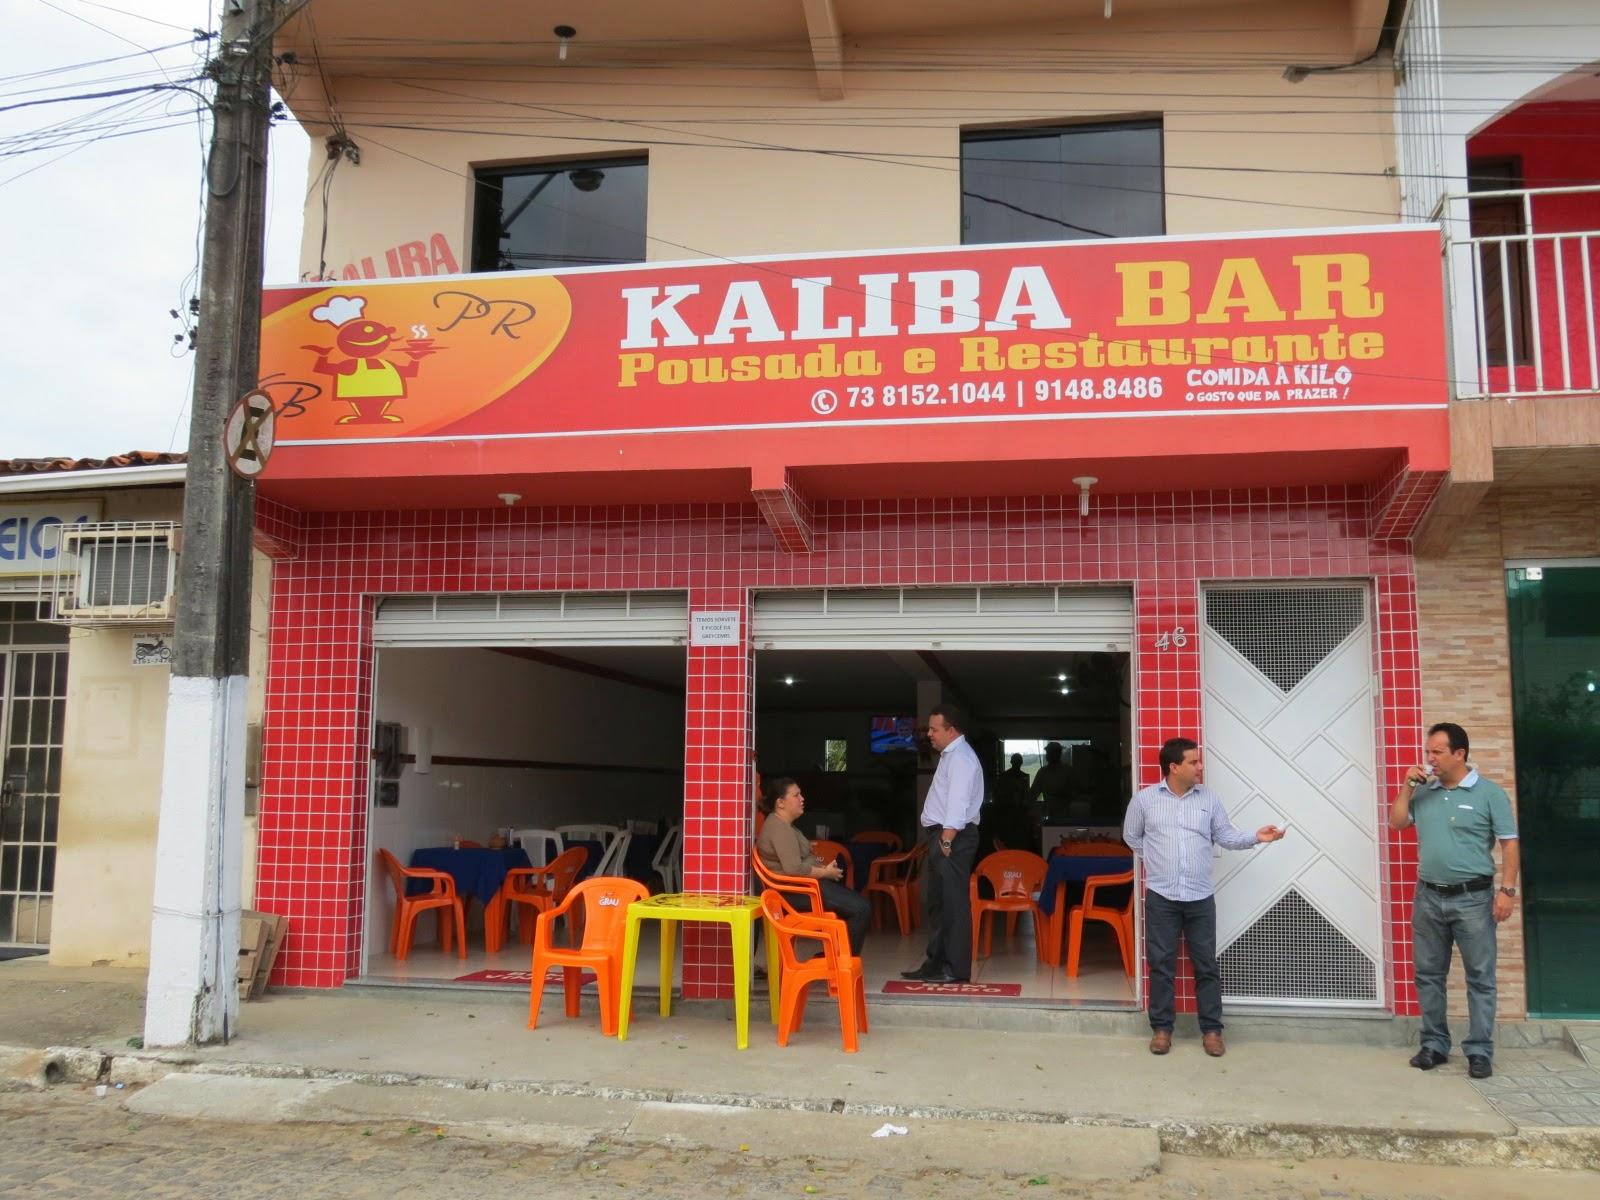 Kaliba - Bar/Restaurante/Pousada